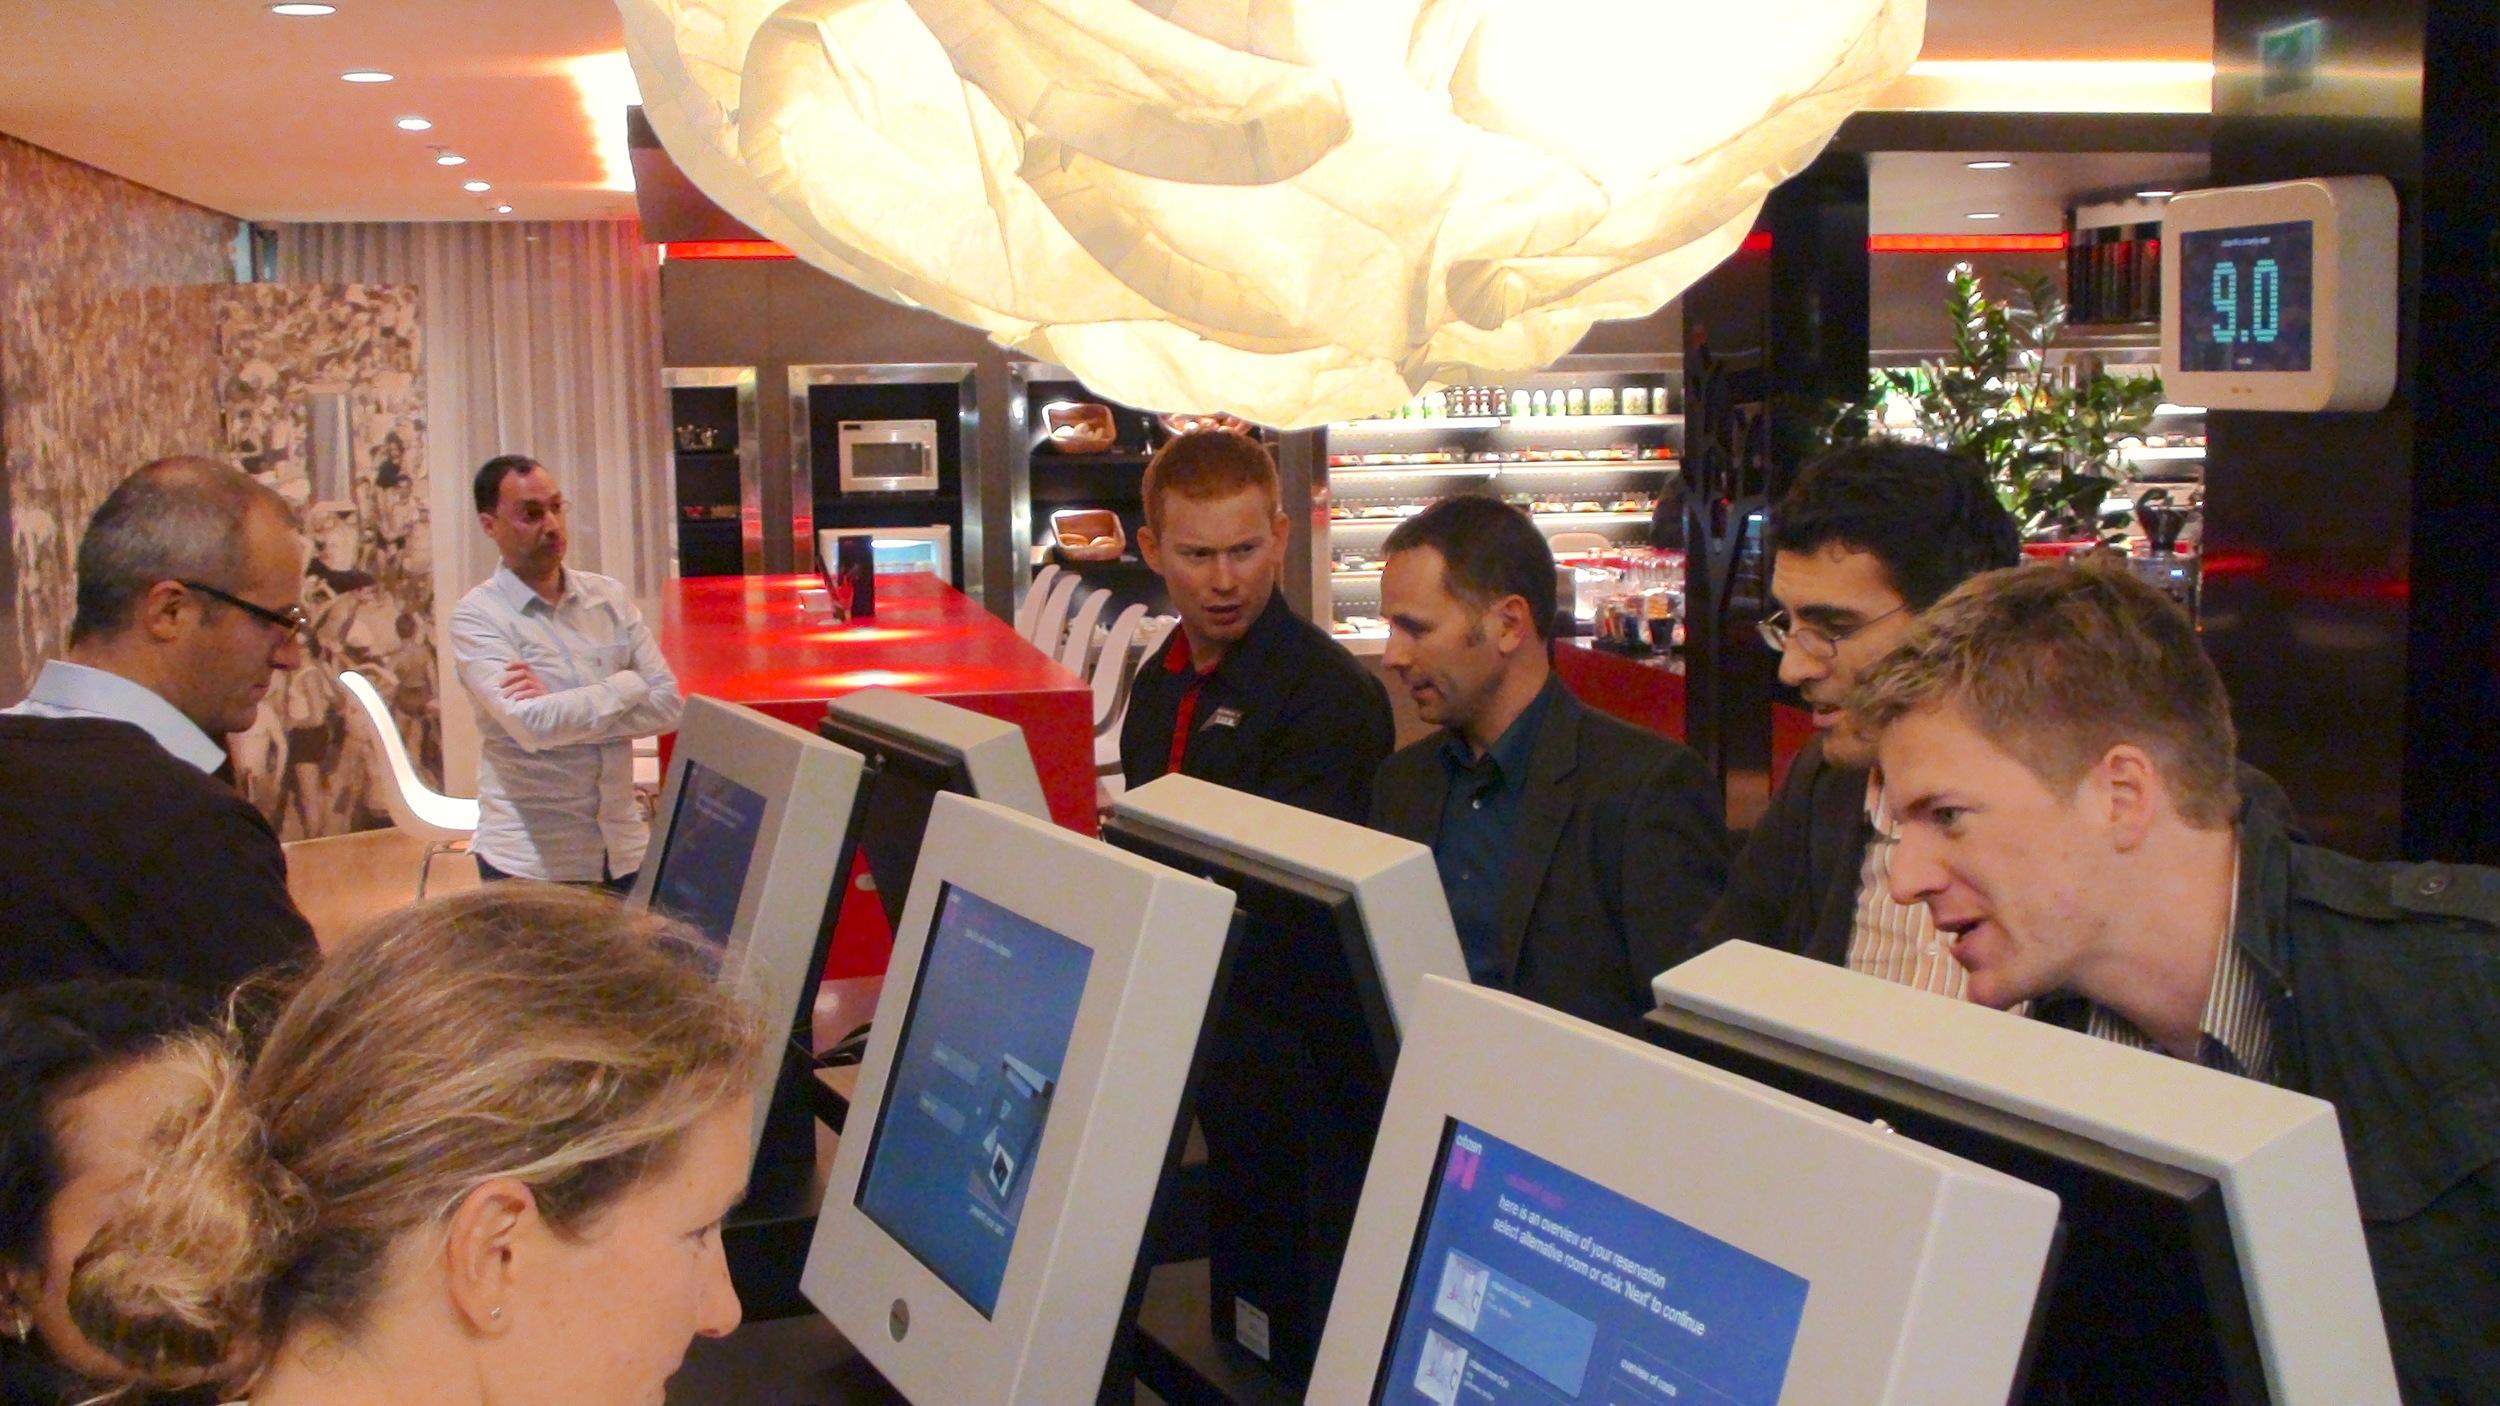 Swisscom, Event-Gestaltung